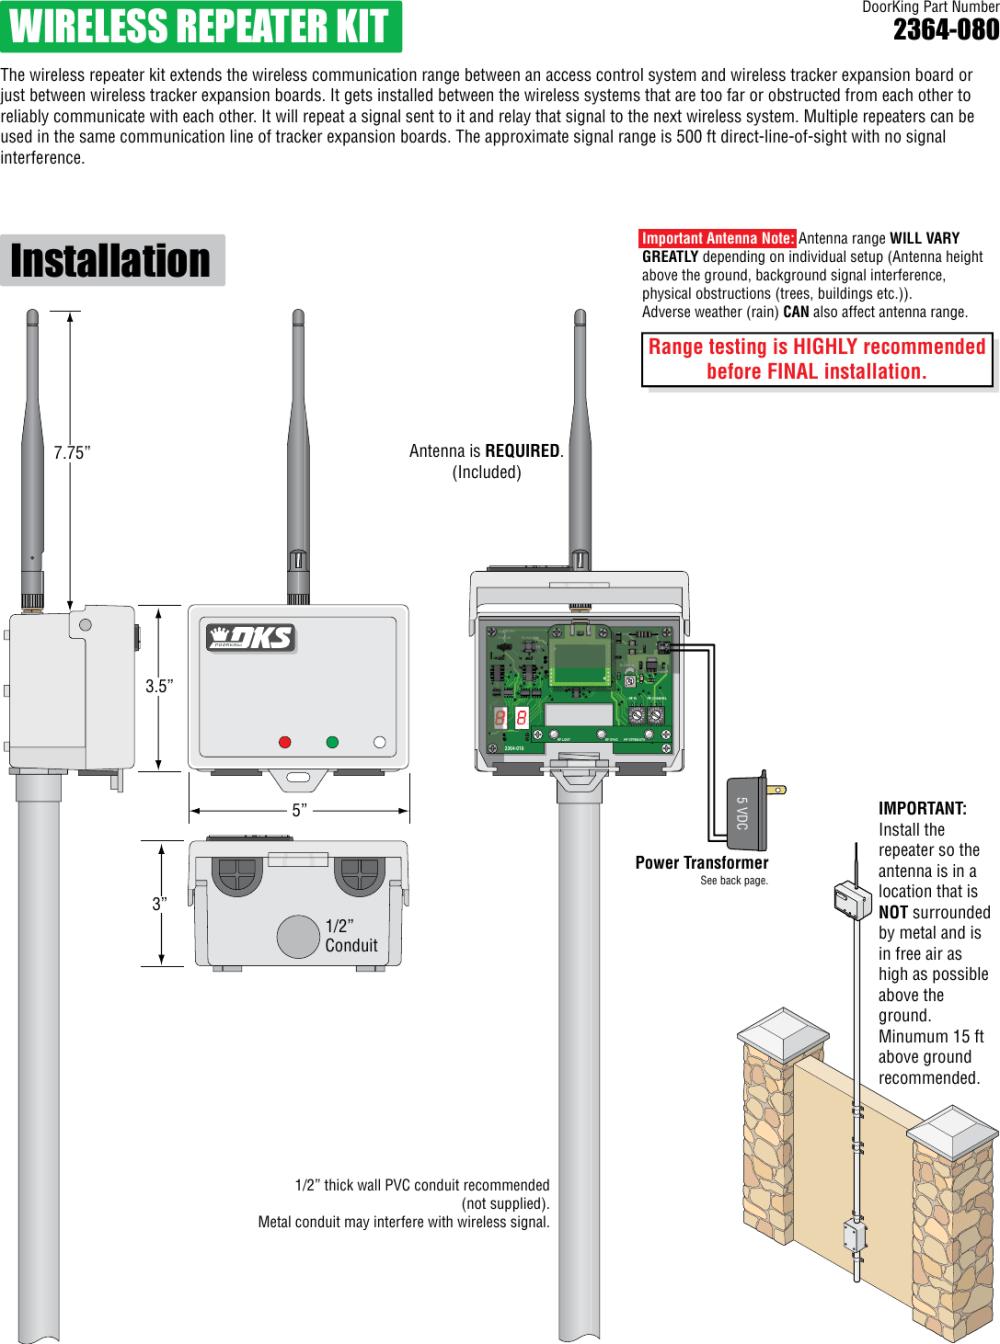 medium resolution of doorking 2364 065 e 11 14 door king wireless repeater kit installation manual